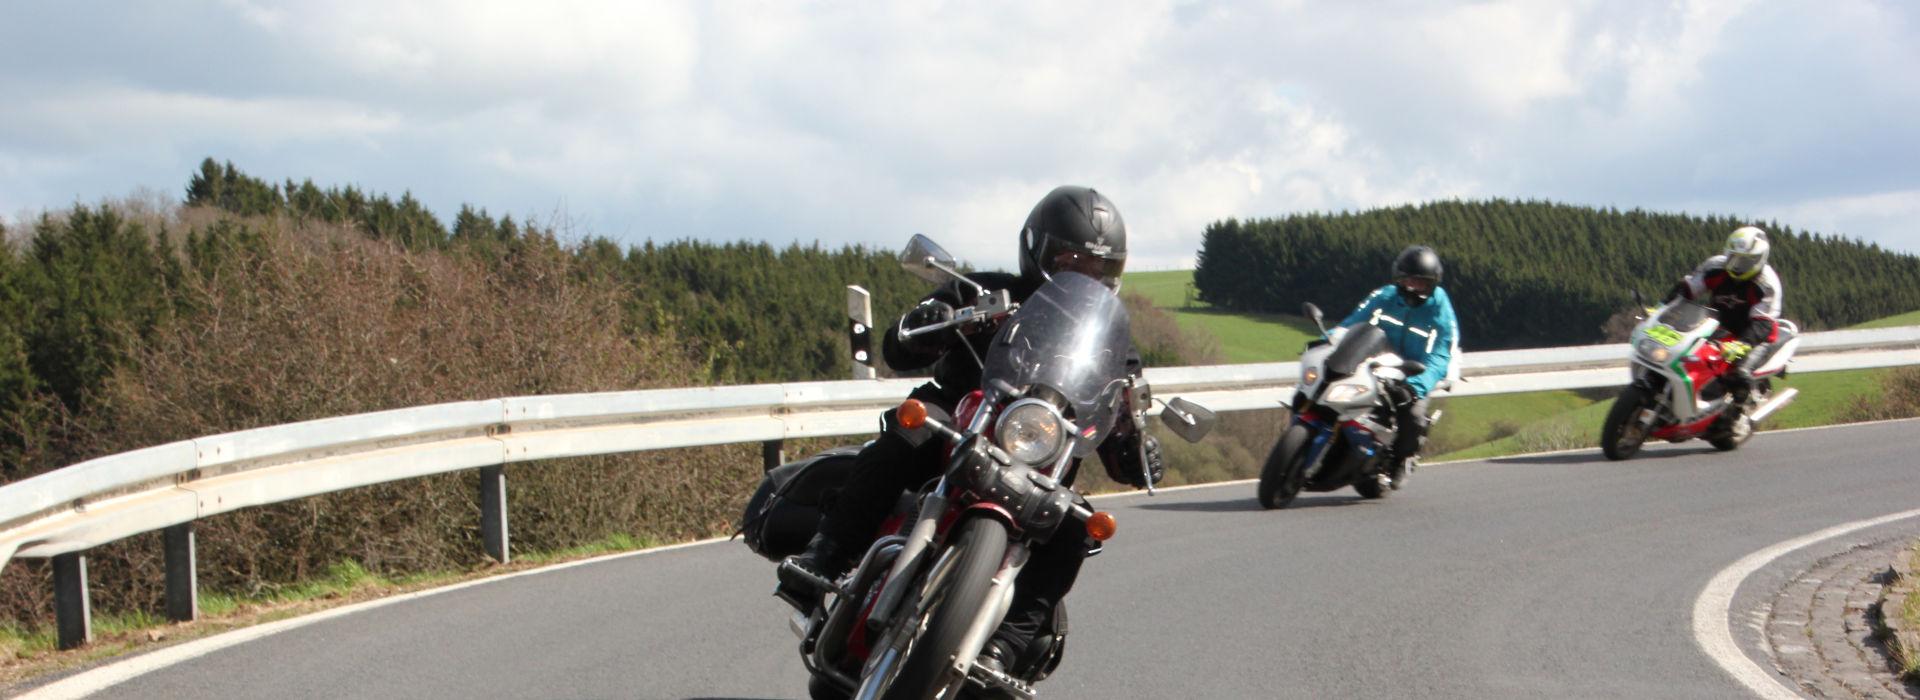 Motorrijbewijspoint Culemborg snel motorrijbewijs halen